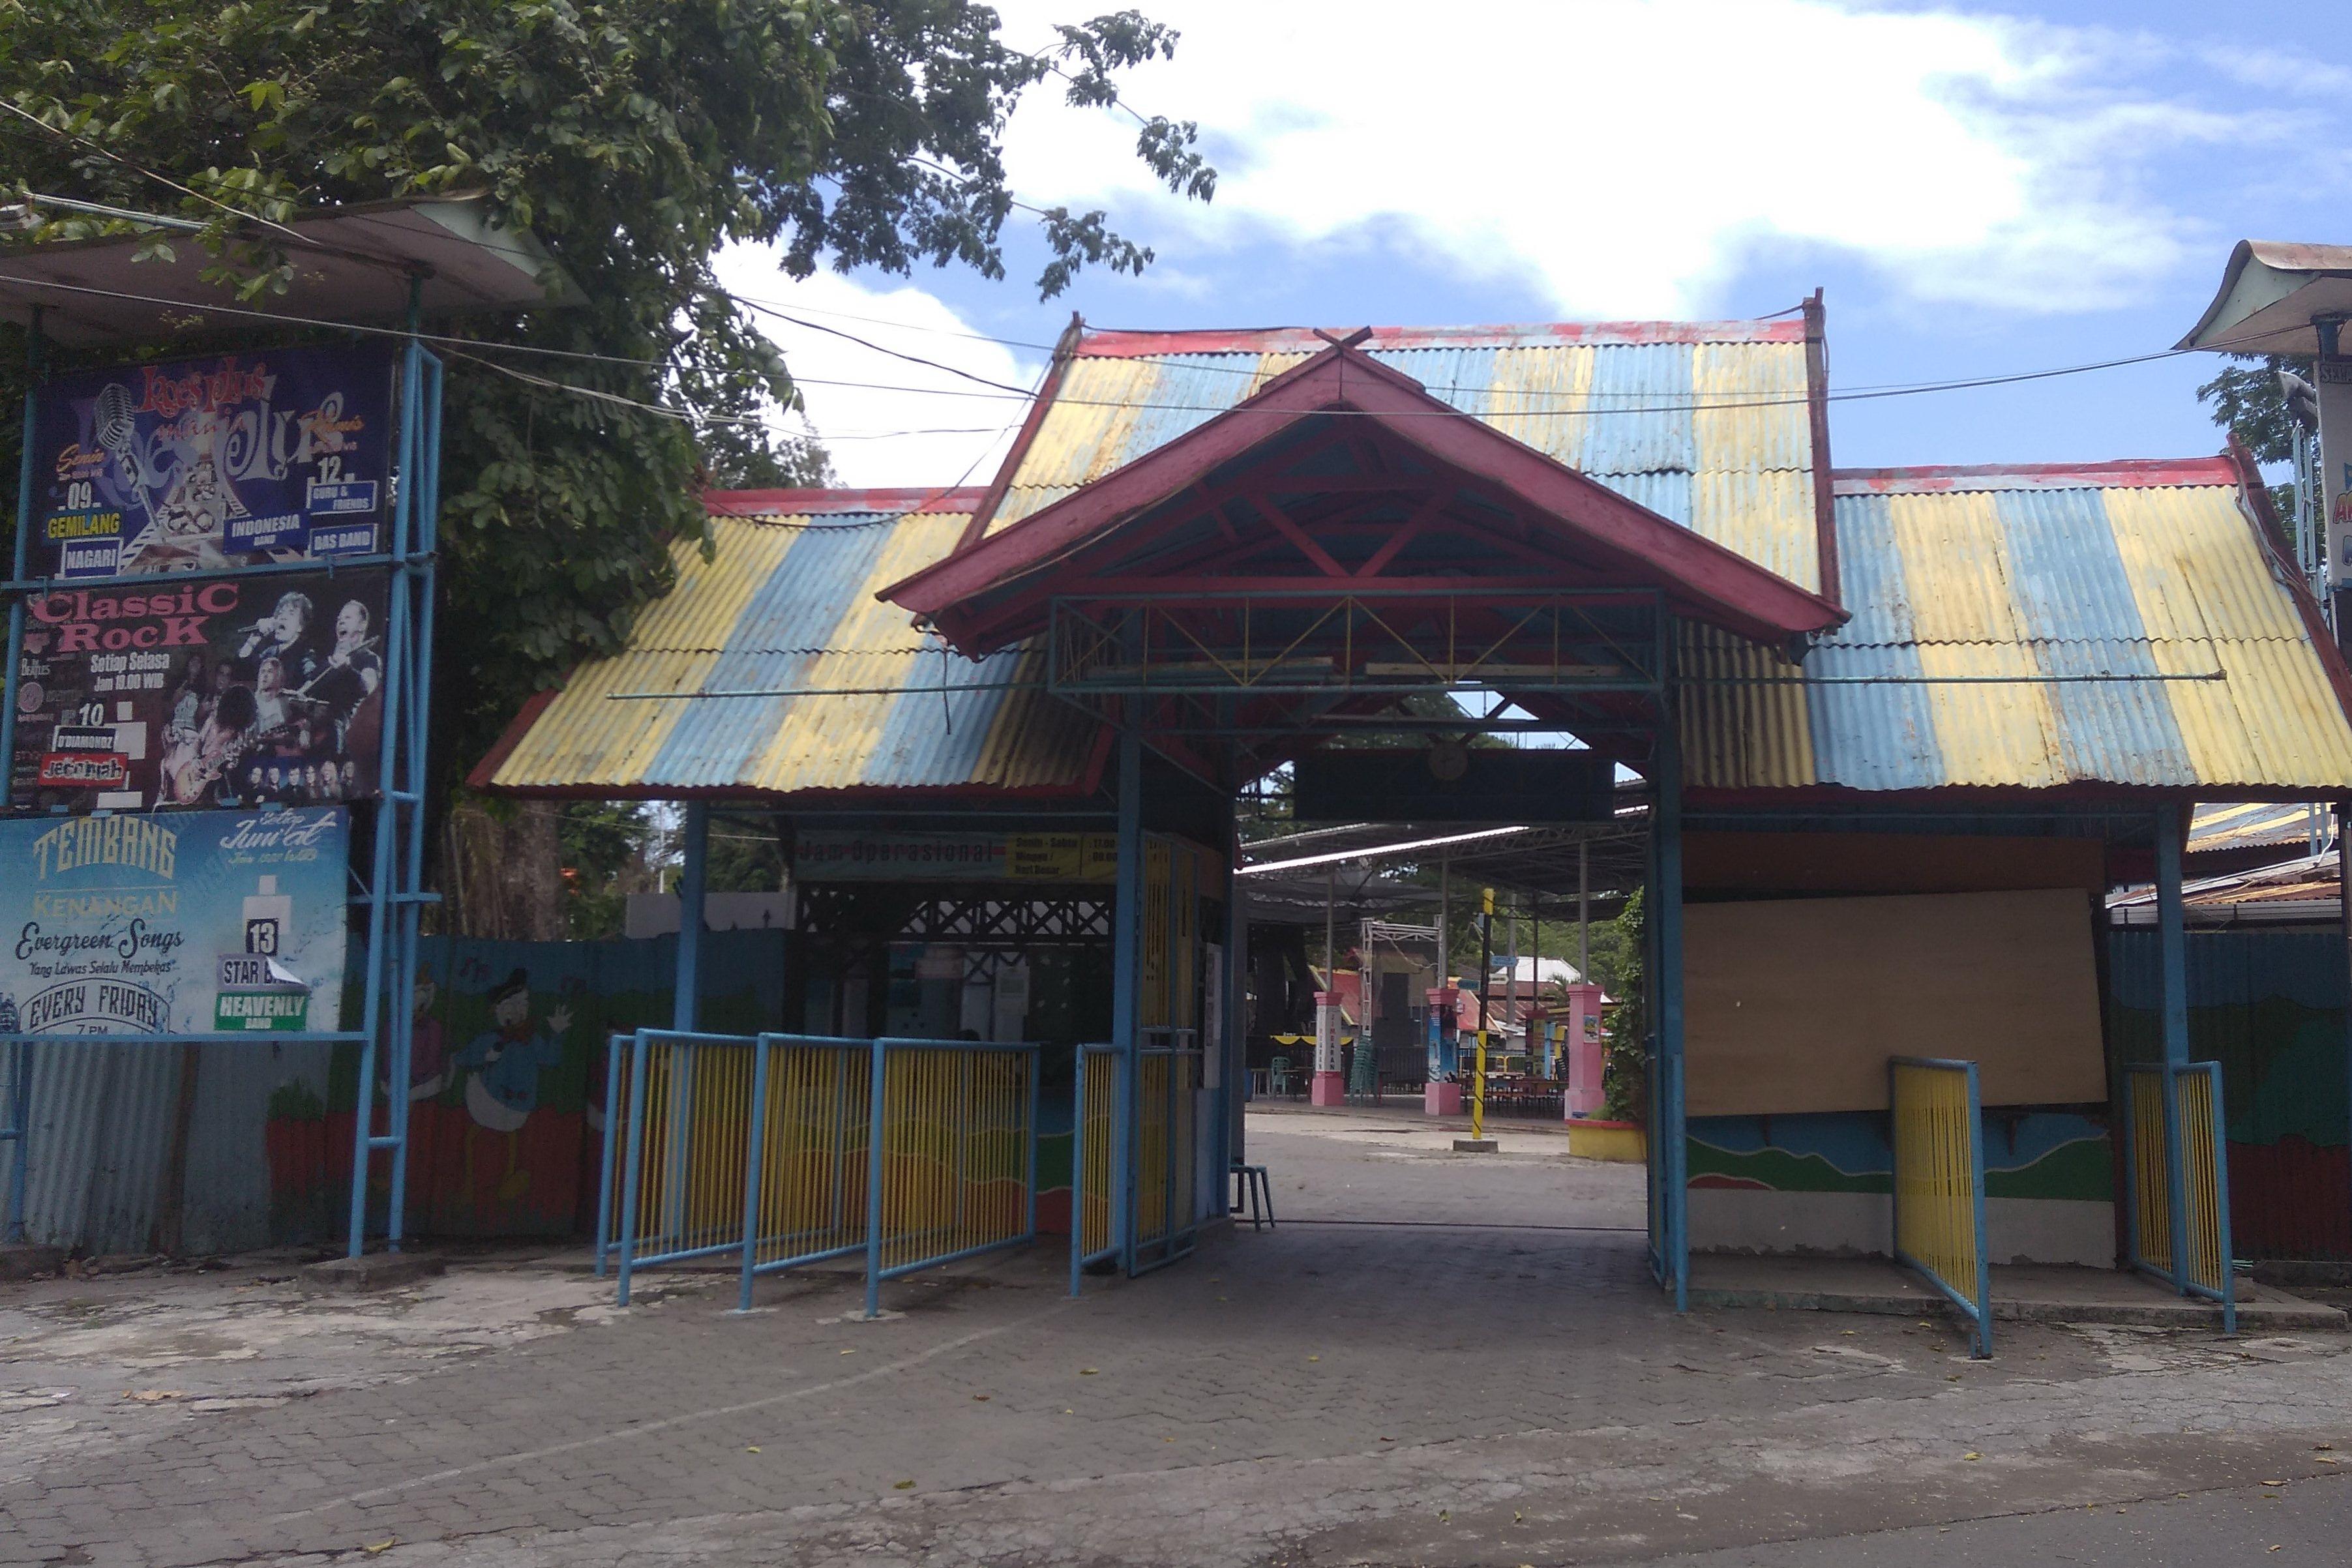 Peristiwa Taman Hiburan Sriwedari Tutup Setelah 32 Pintu Masuk Rakyat